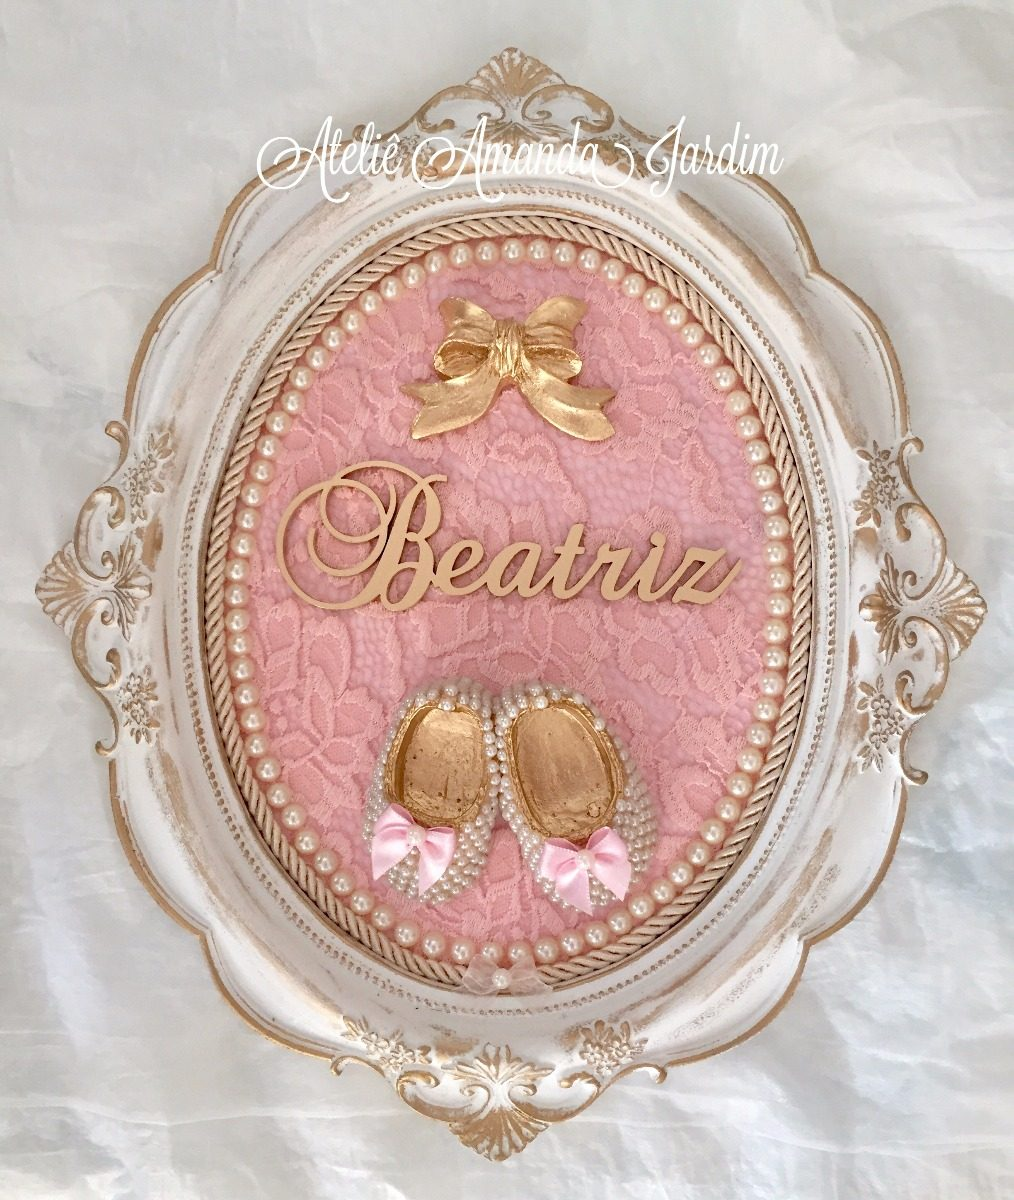 Enfeite De Gesso ~ Enfeite De Porta Maternidade E Quarto Do Bebe Moldura Resina R$ 144,90 em Mercado Livre